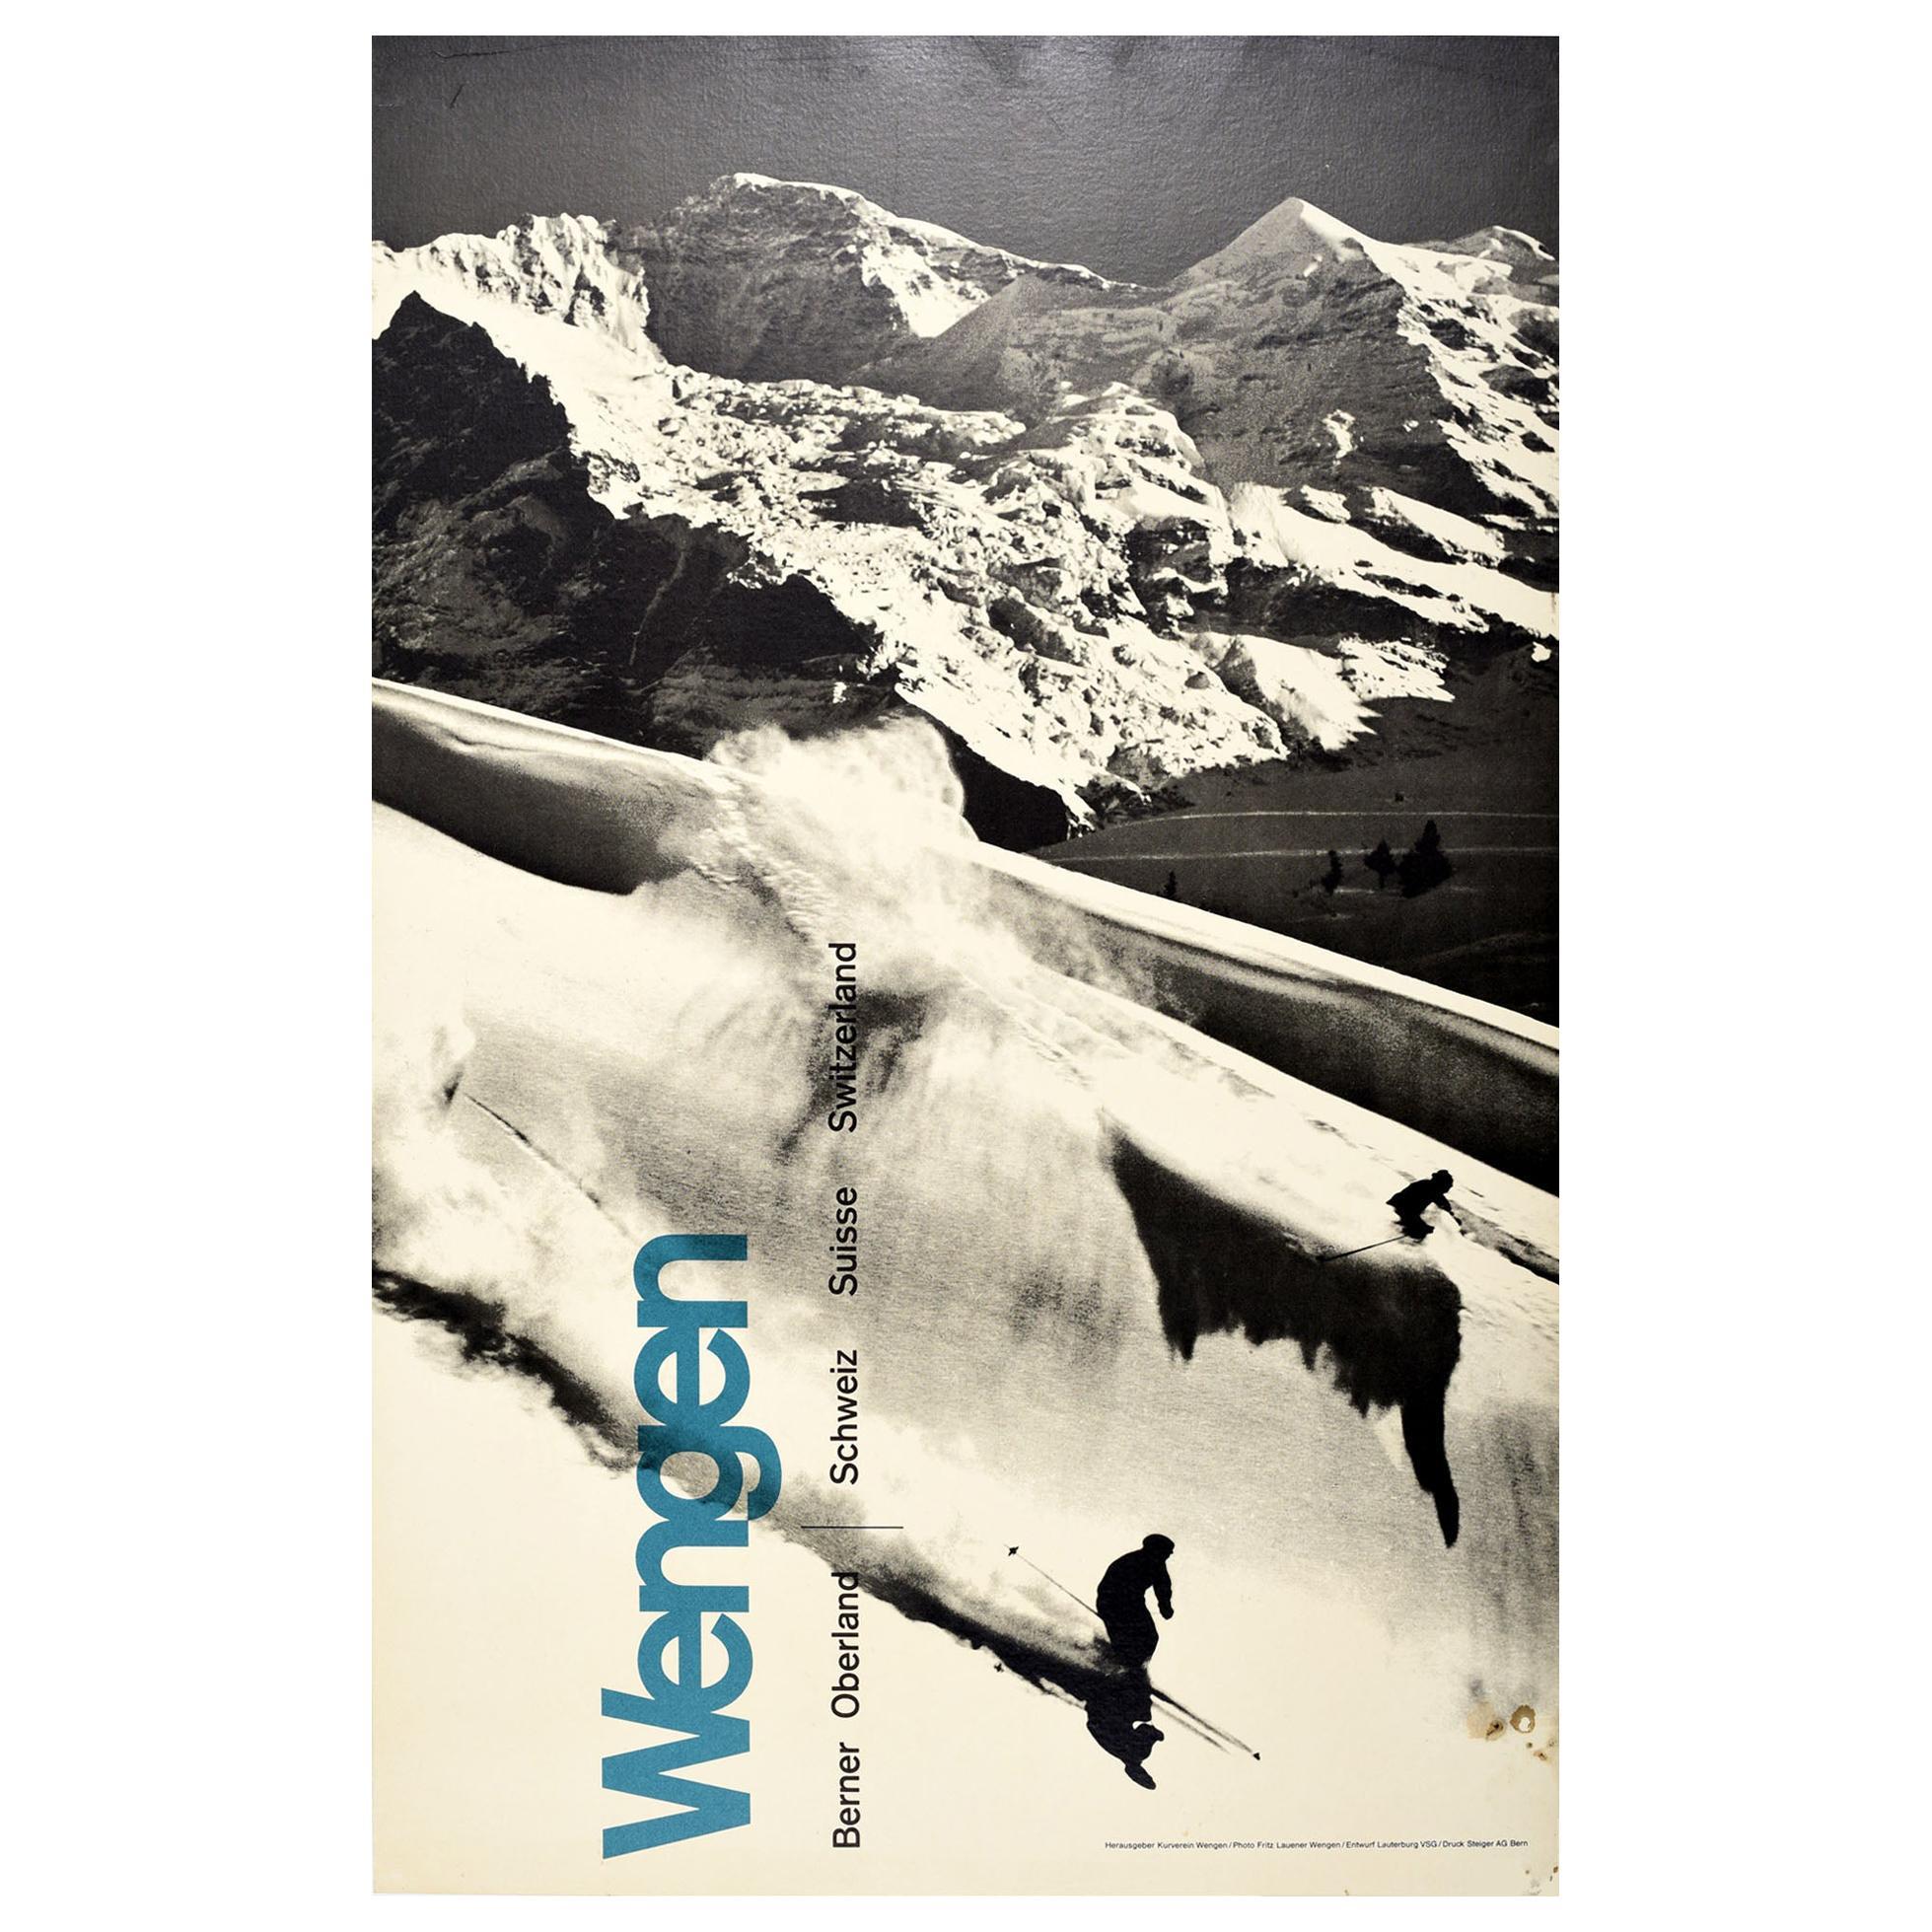 Original Vintage Winter Sport Skiing Poster Wengen Berner Oberland Switzerland